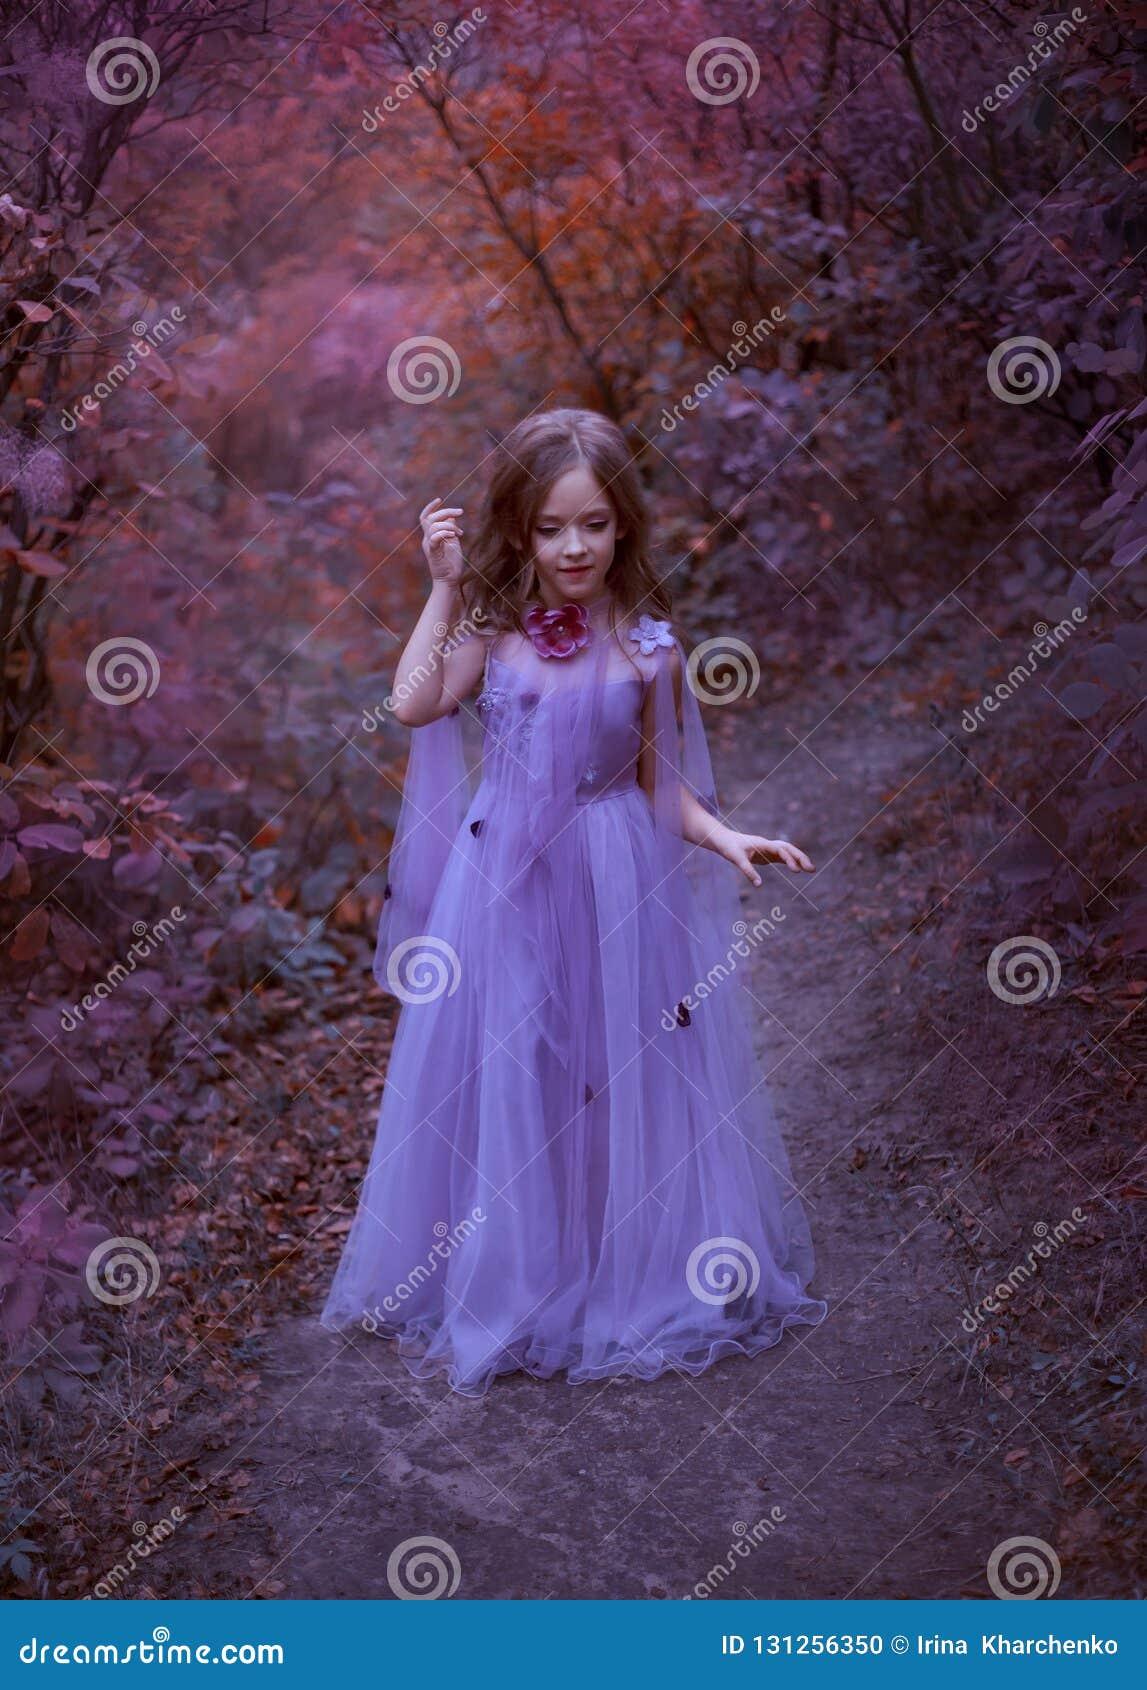 La fille mignonne se tient dans la forêt dans une longue robe légère pourpre avec des fleurs, une petite princesse aiment dans un